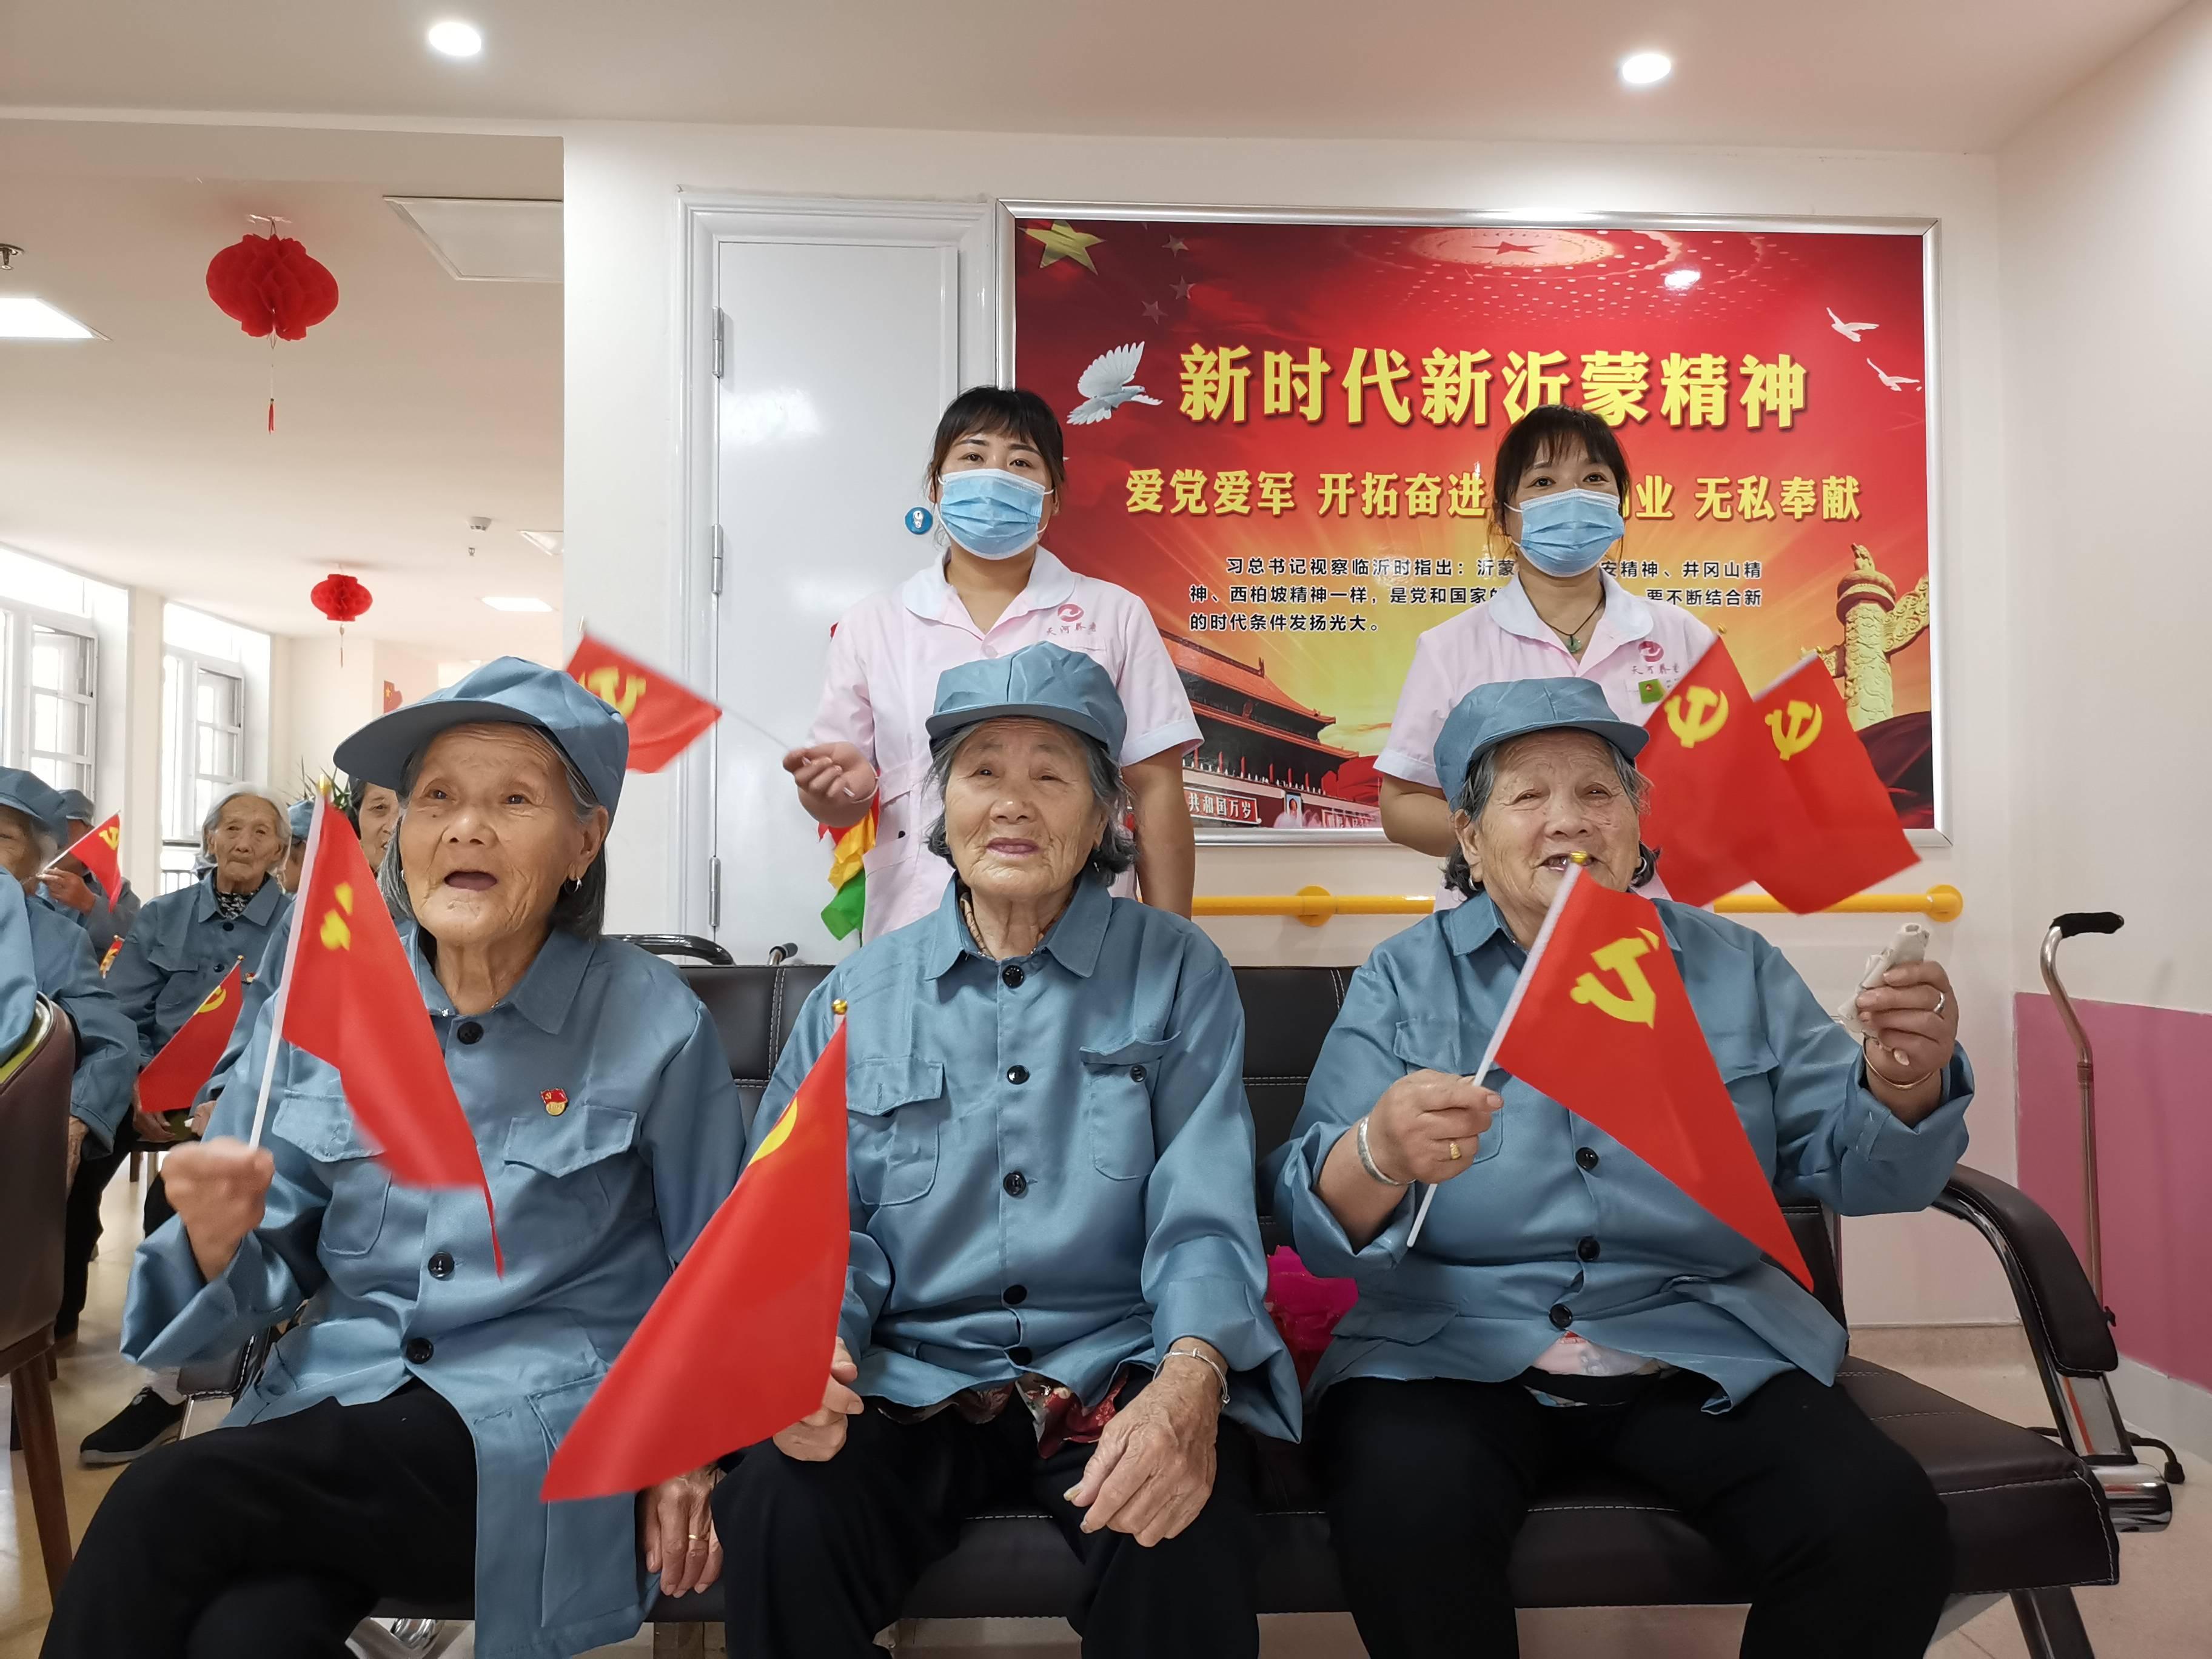 """山东临沂:建国前老党员同唱红歌《跟着共产党走》庆""""七一"""""""